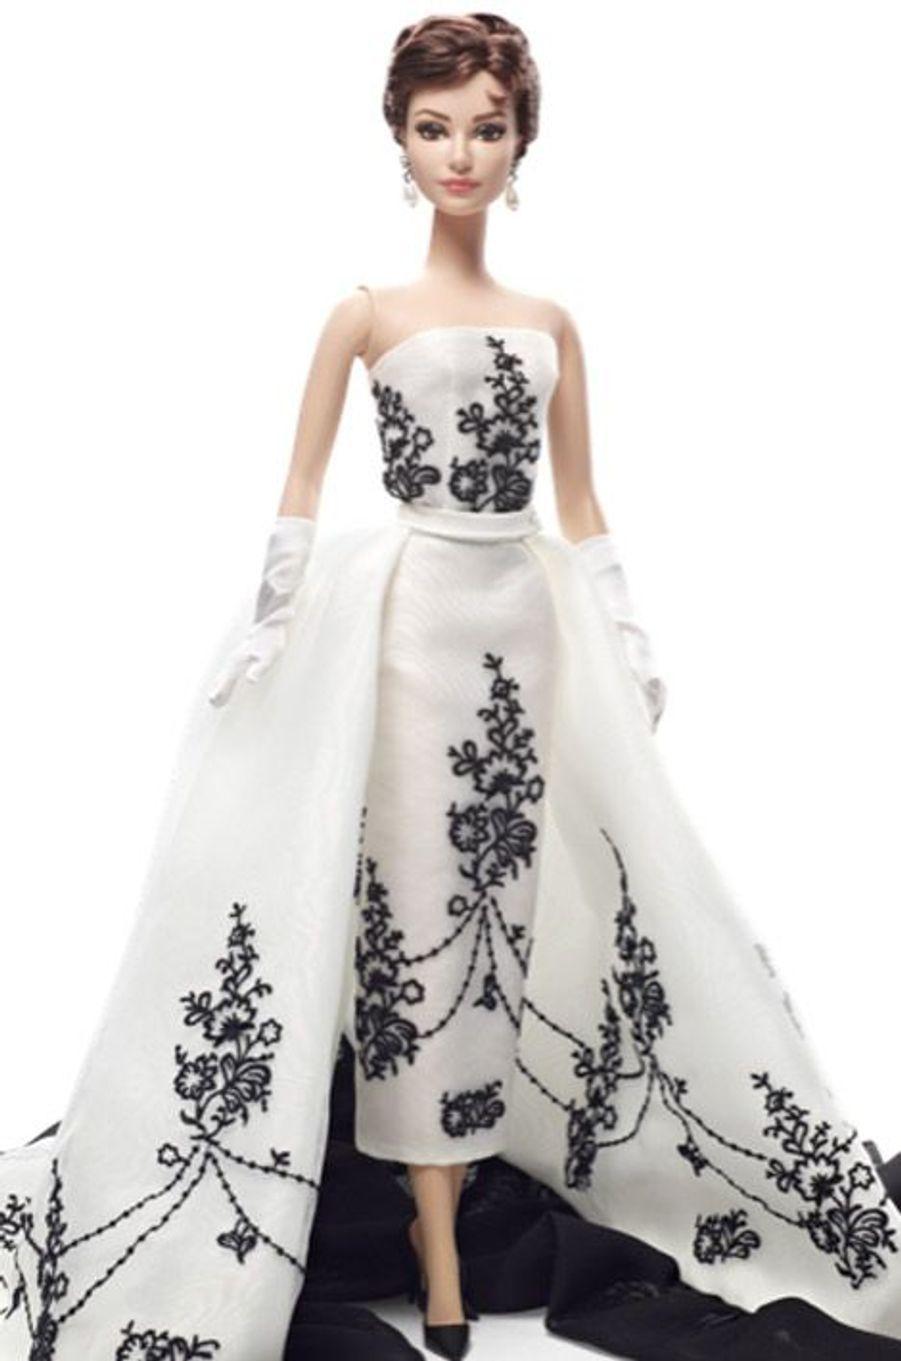 La Barbie Audrey Hepburn d'après le film Sabrina (1954), éditée en 2013